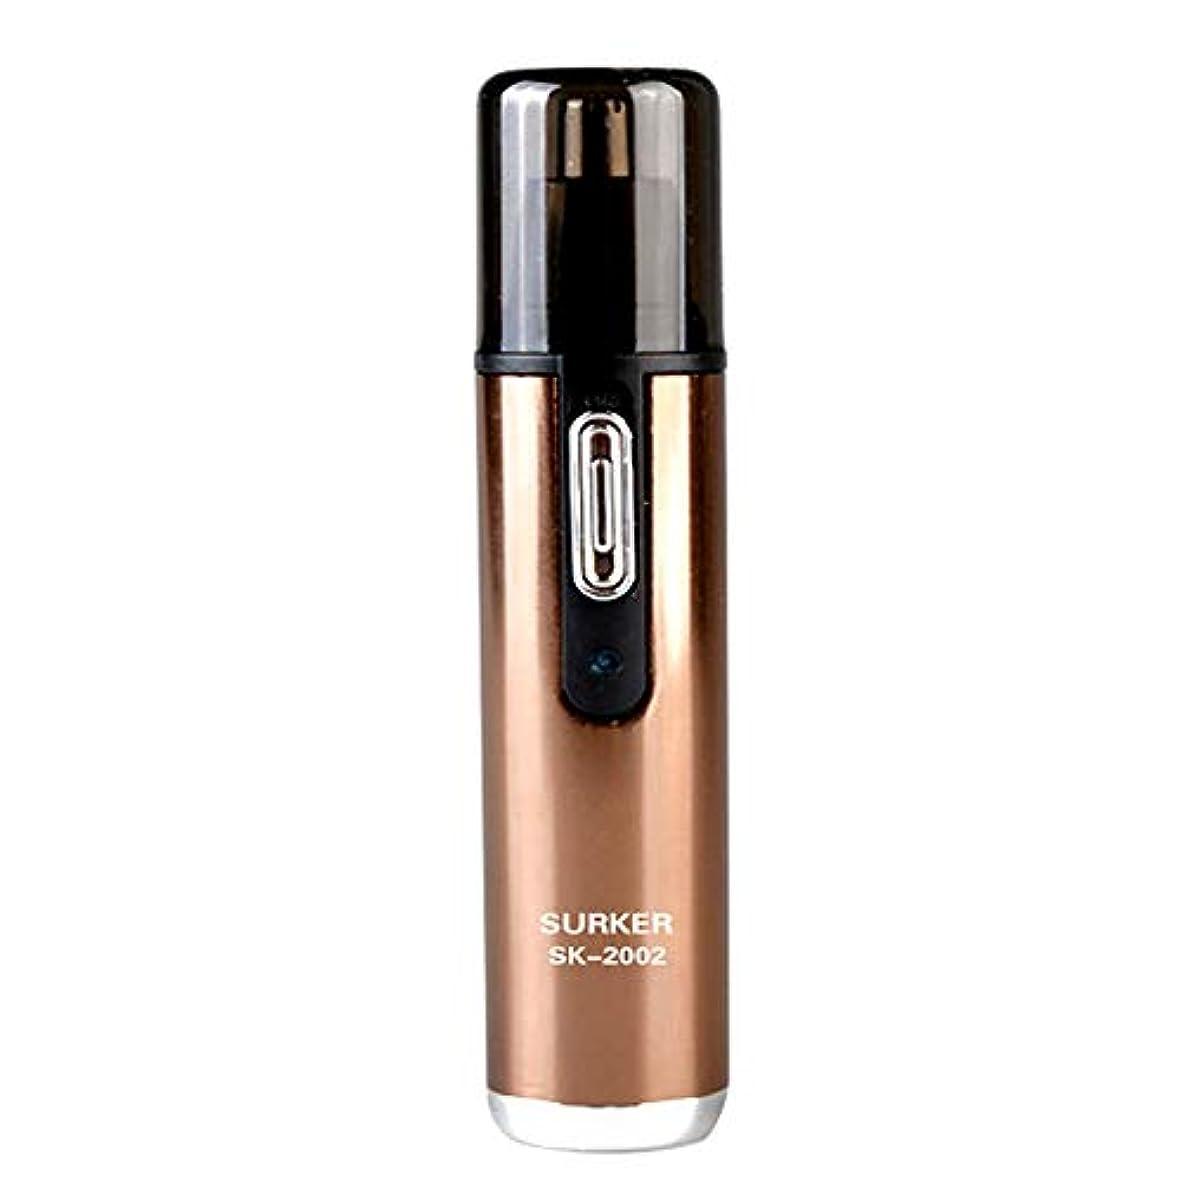 グレートオーク注入教室鼻のヘアトリマーは使いやすいです男性と女性のための50 dB以下の内部360°回転でノイズのある明るいLEDライトで、保護カバーで掃除しやすいです